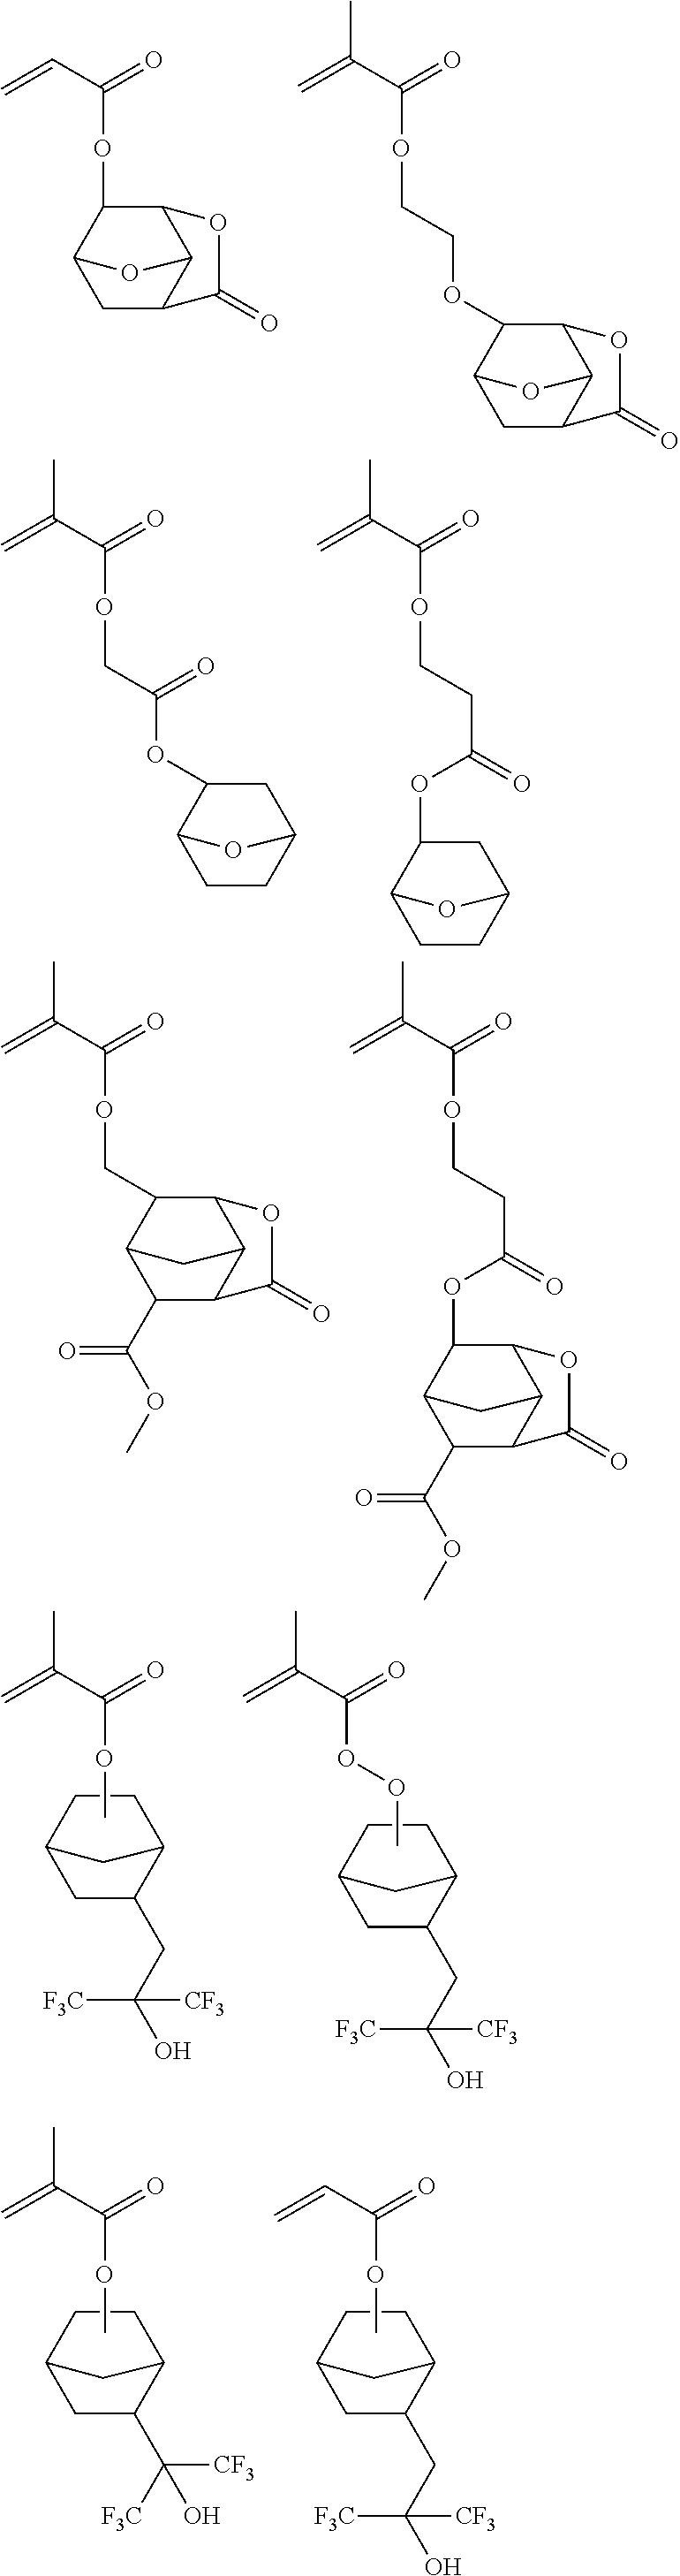 Figure US20110294070A1-20111201-C00040